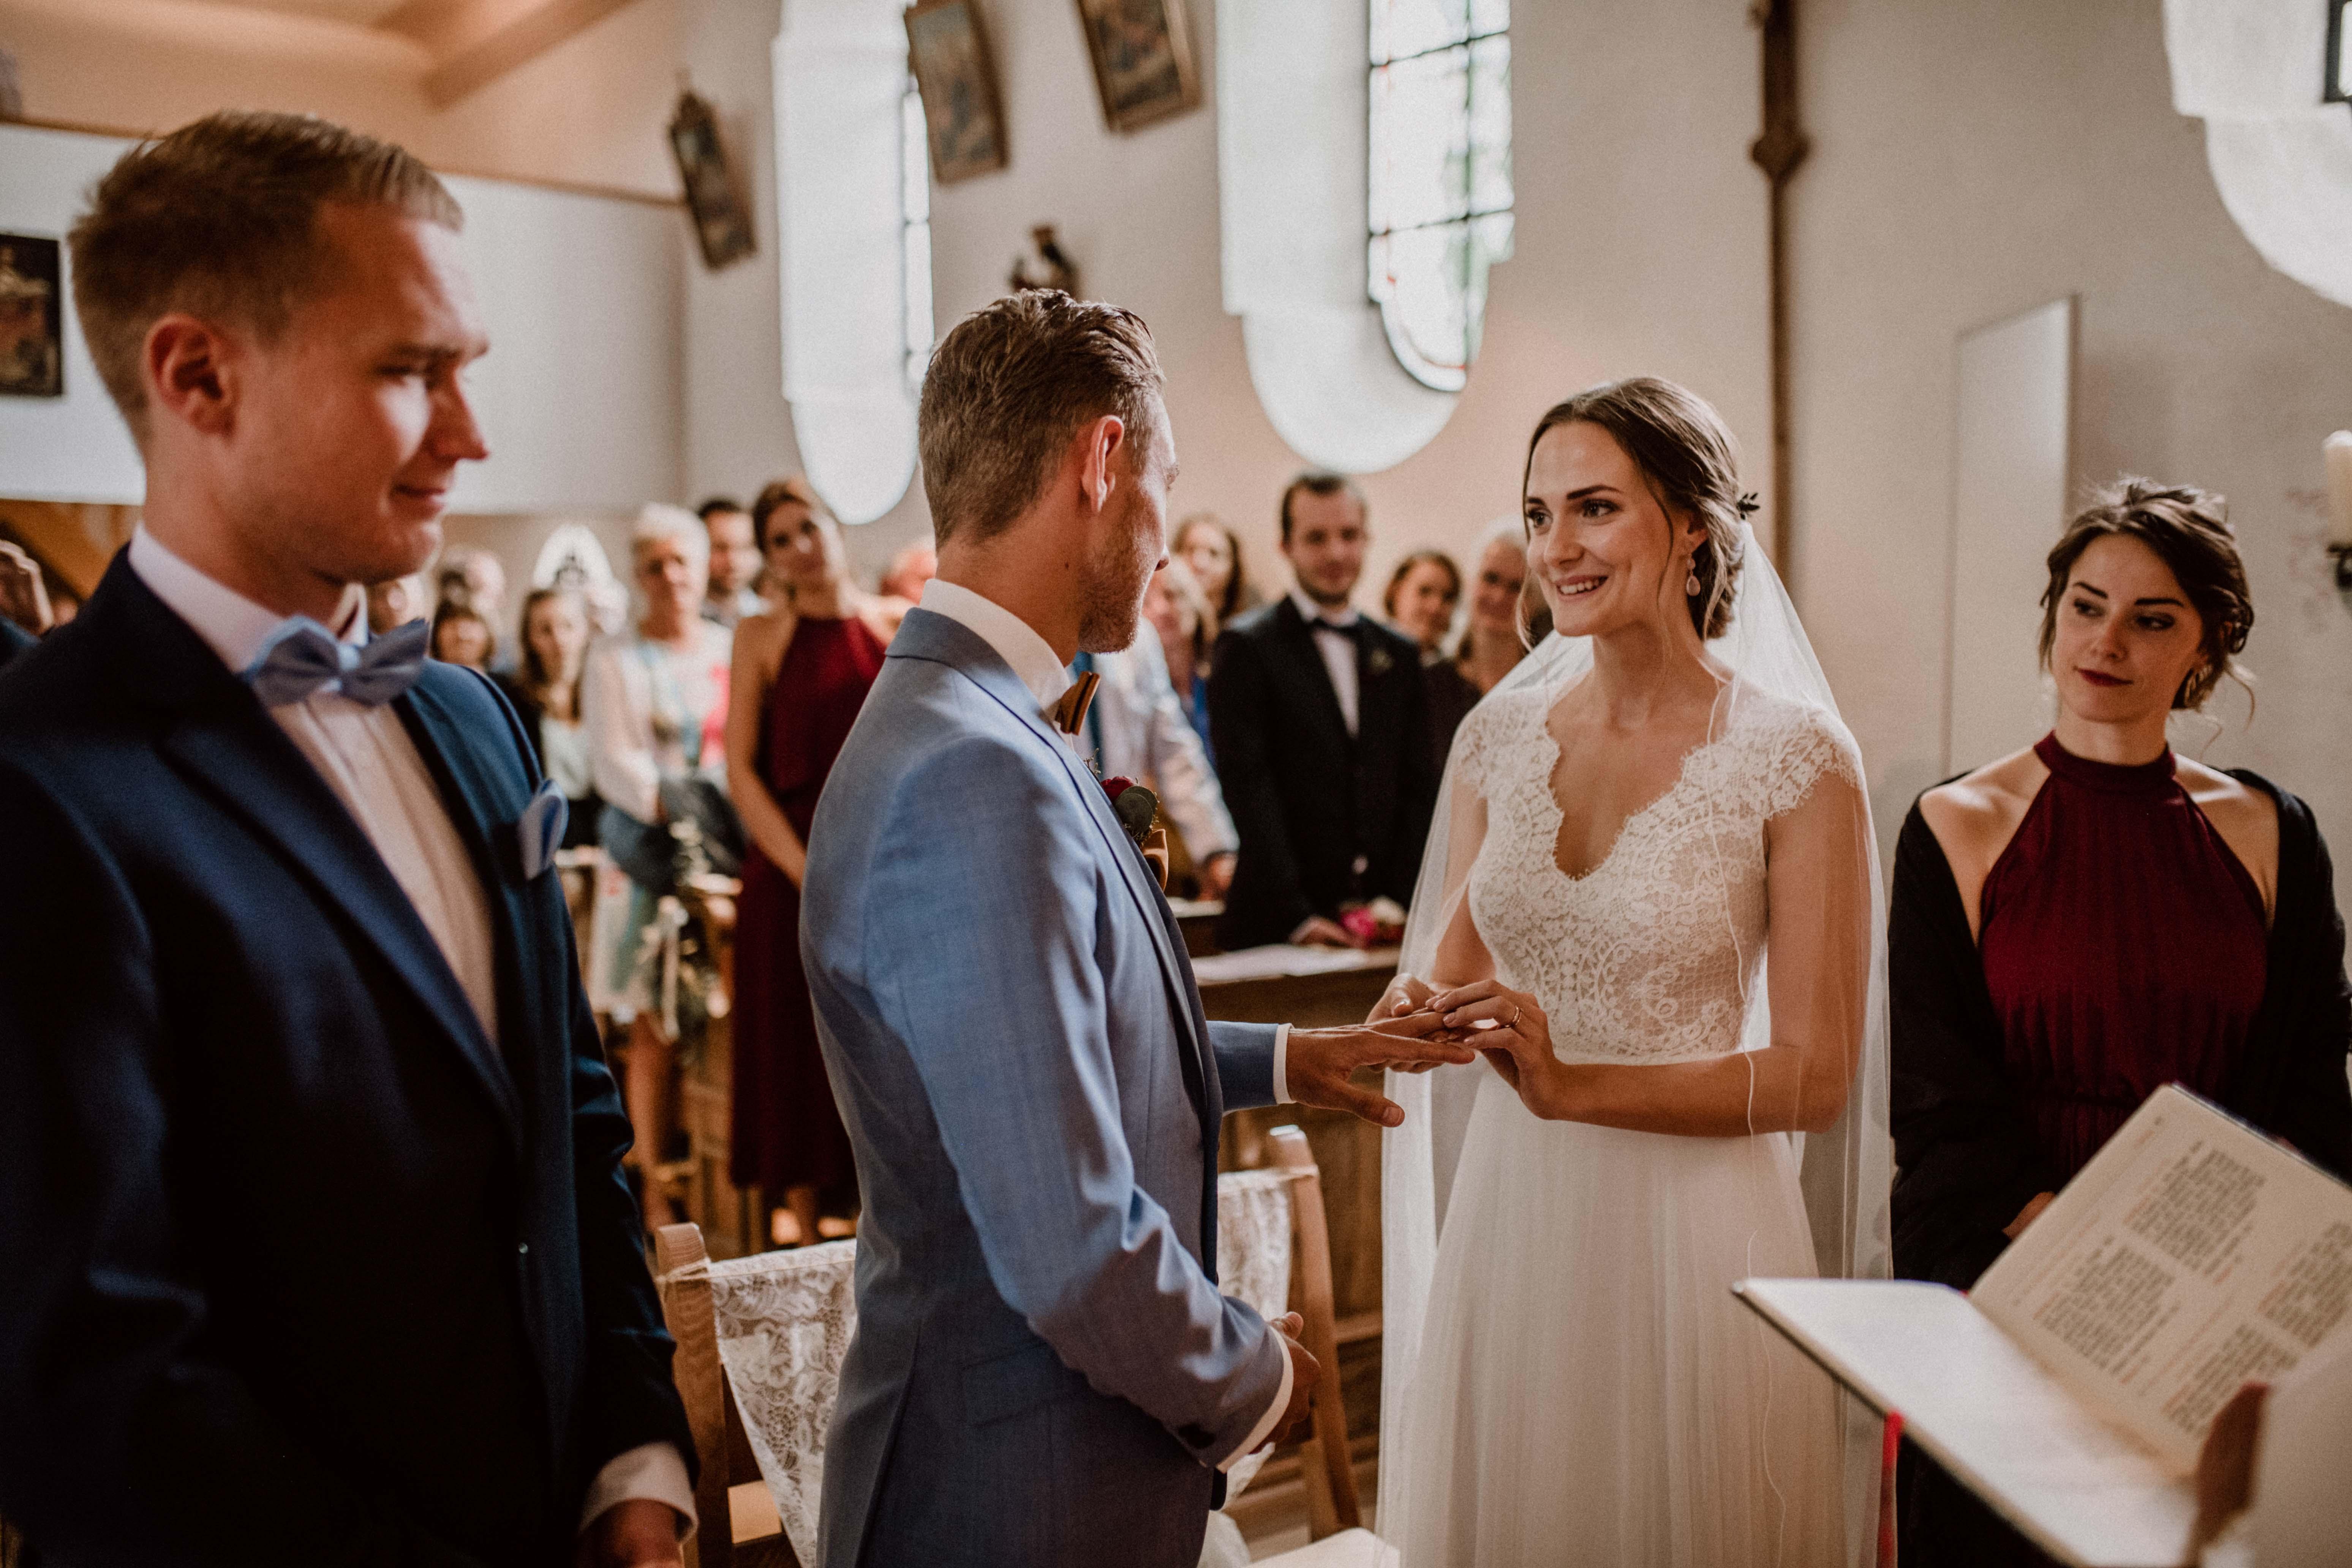 brautpaar verheiratet sonja poehlmann photography couples muenchen bayern